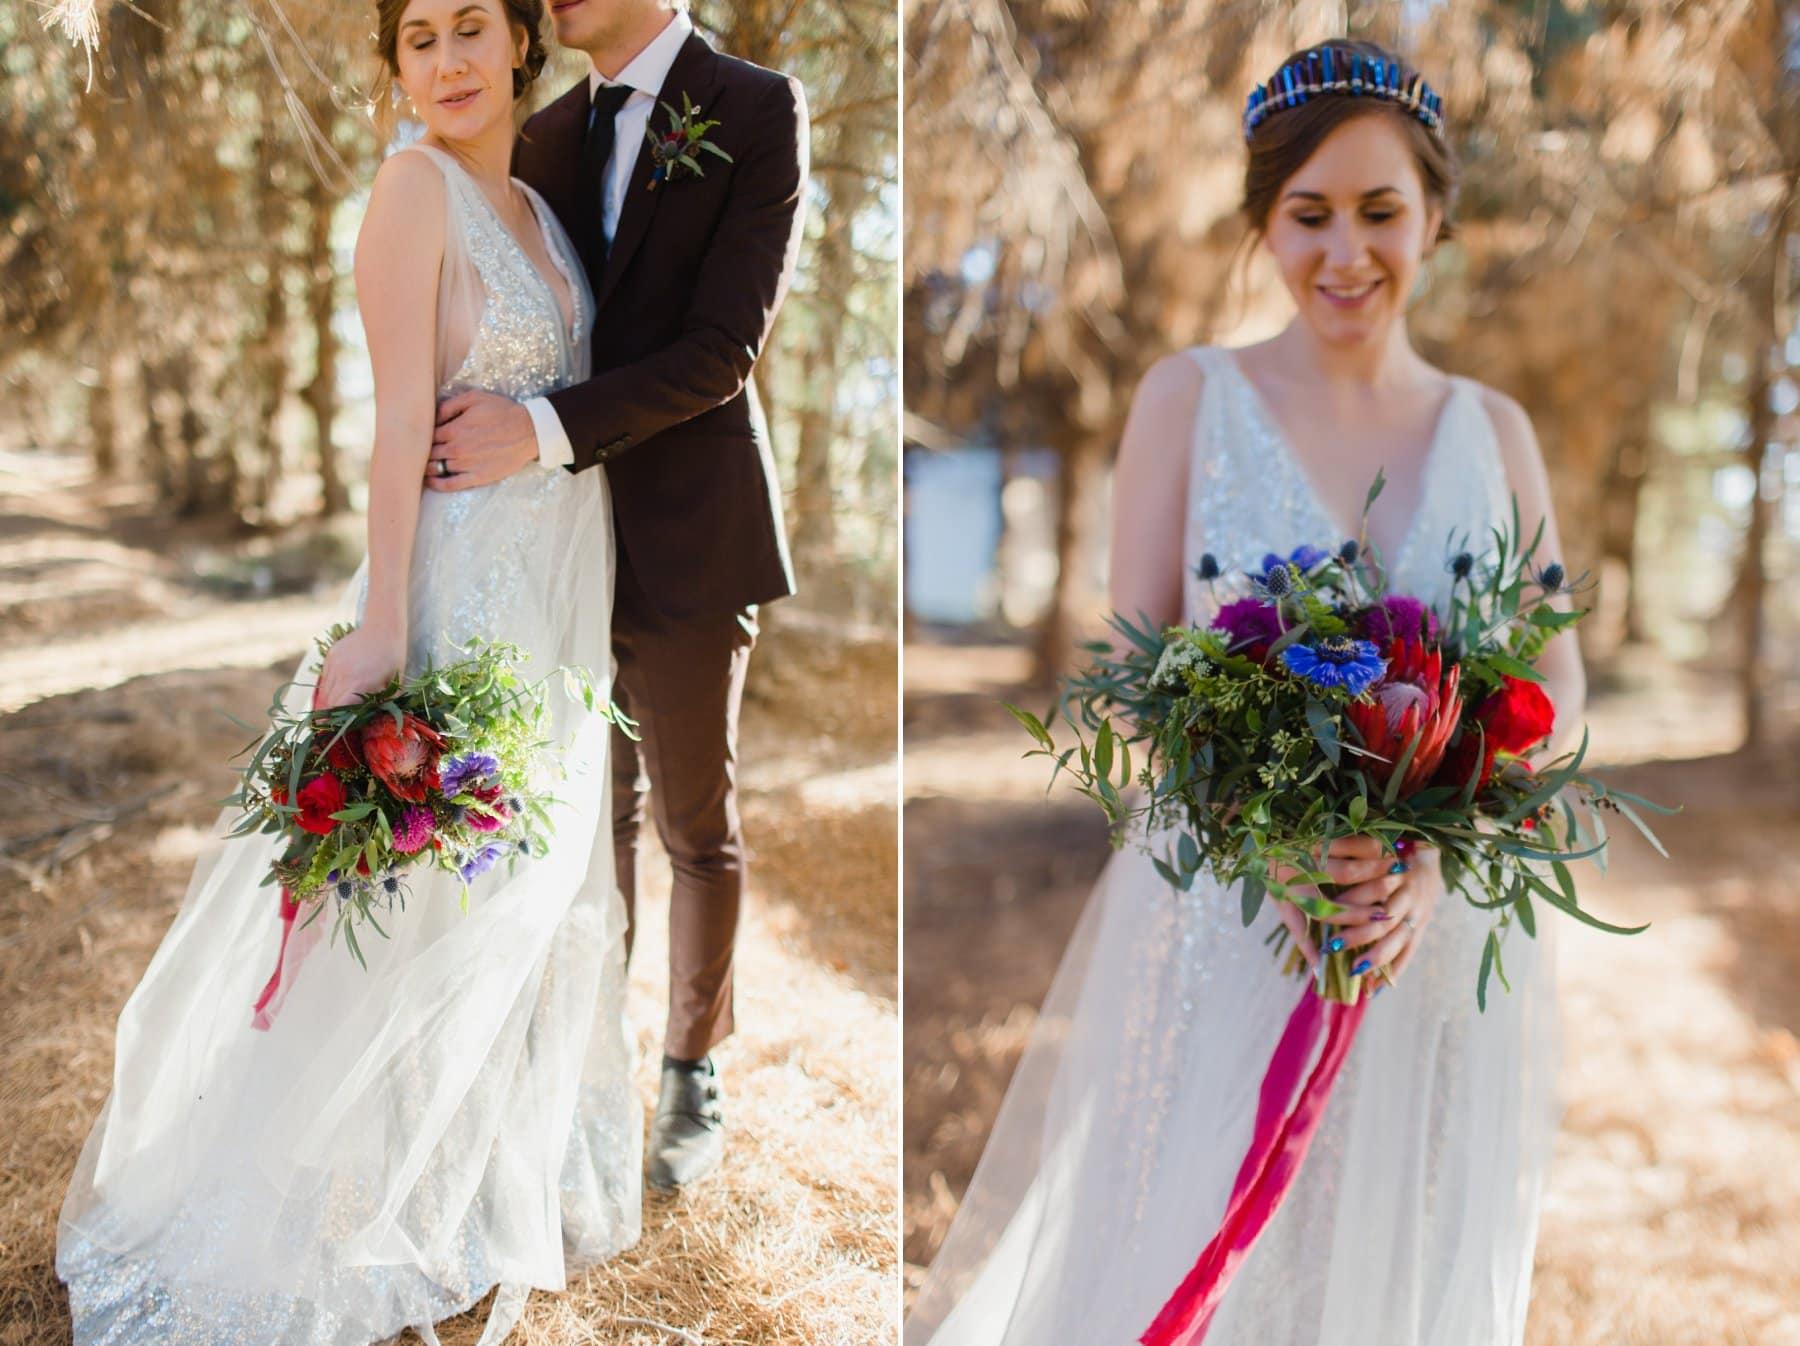 alternative modern wedding at woodsy forest venue Schnepf Farms